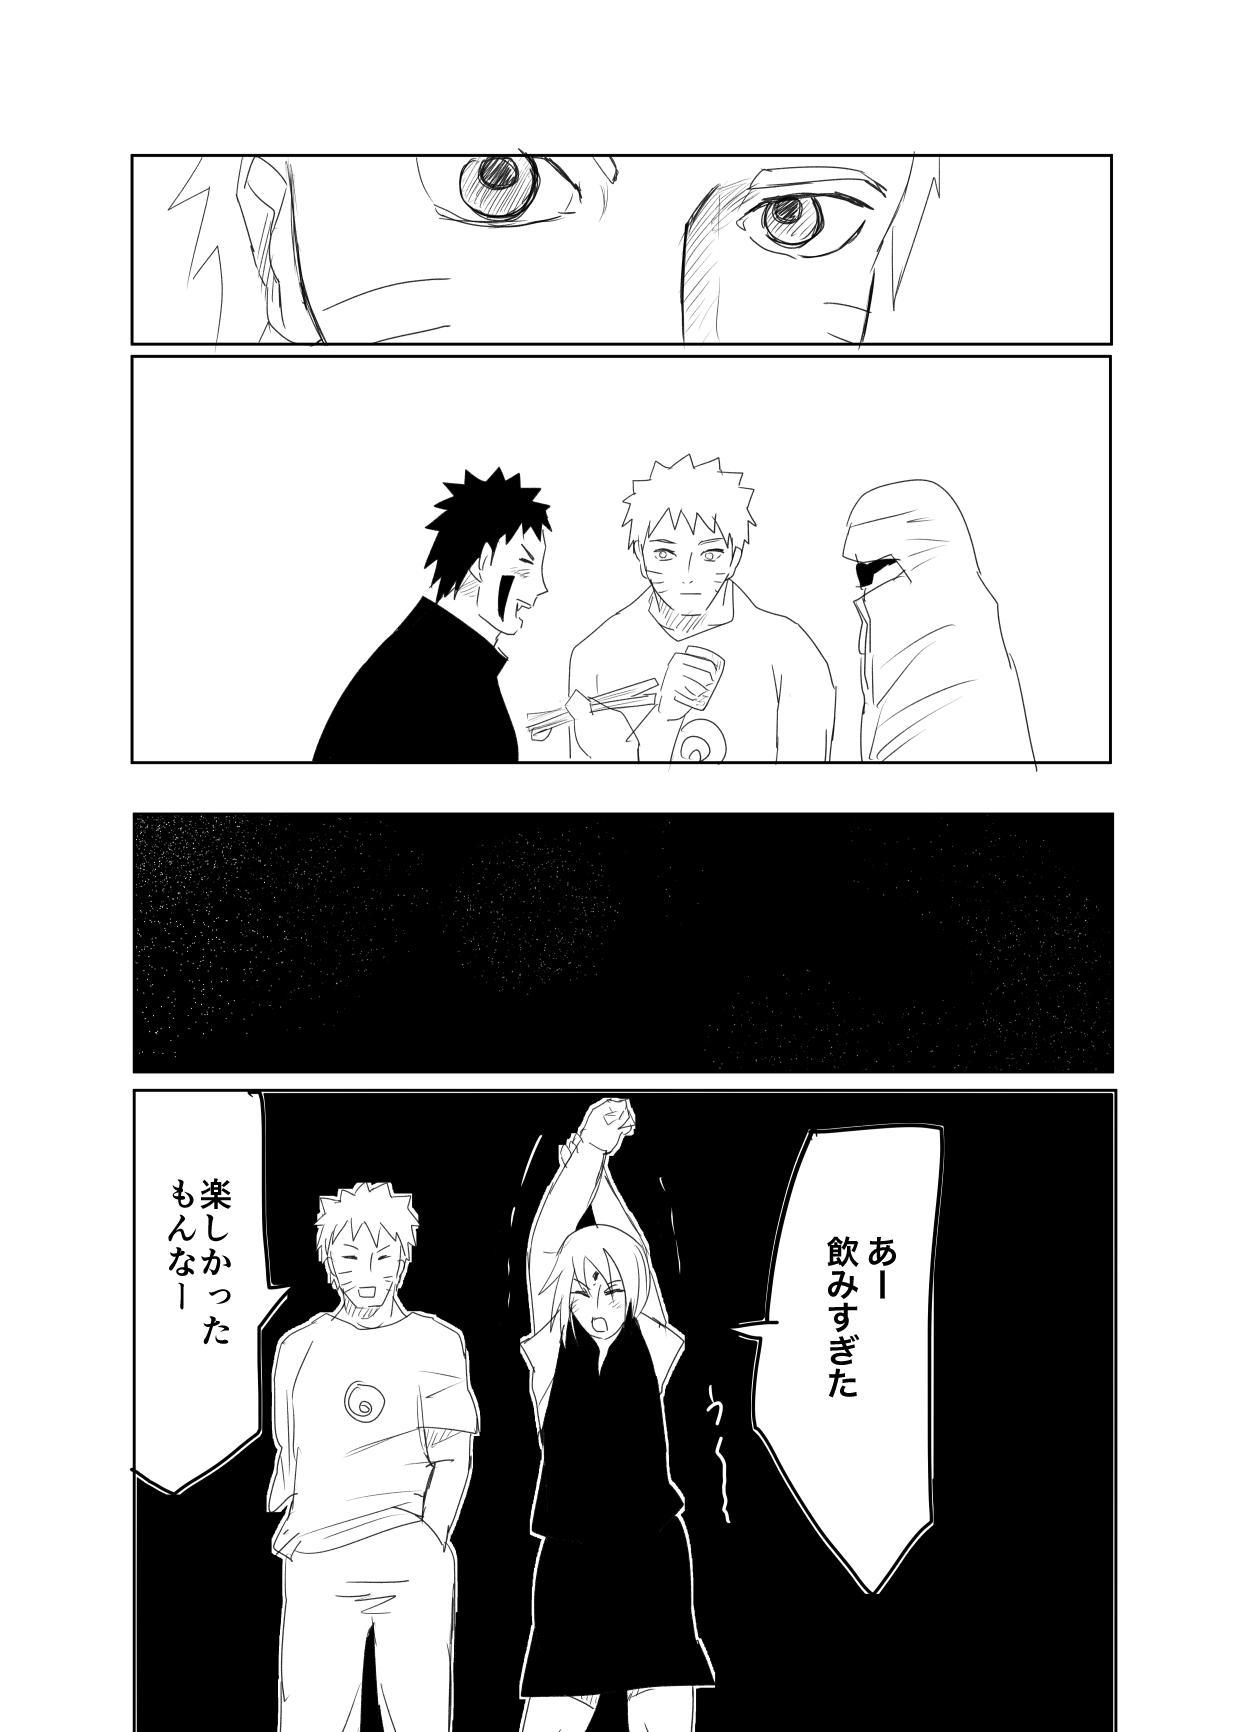 嘘告白漫画 13